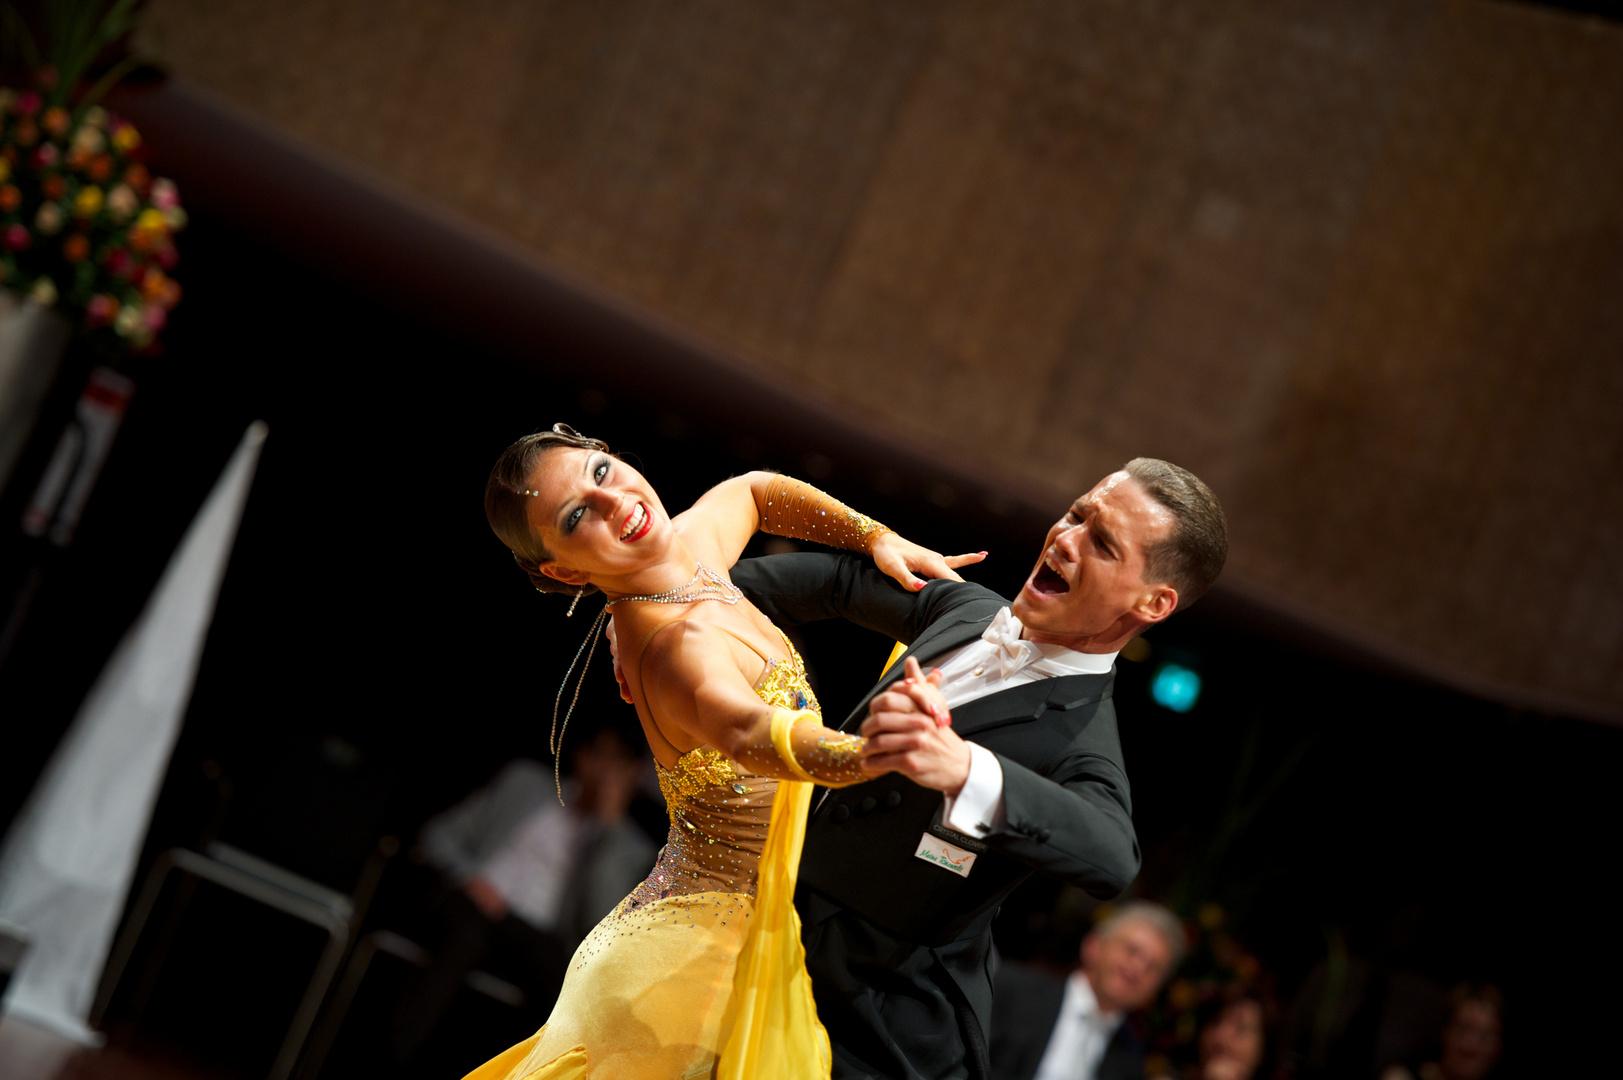 Tanzturnier Mannheim 2014